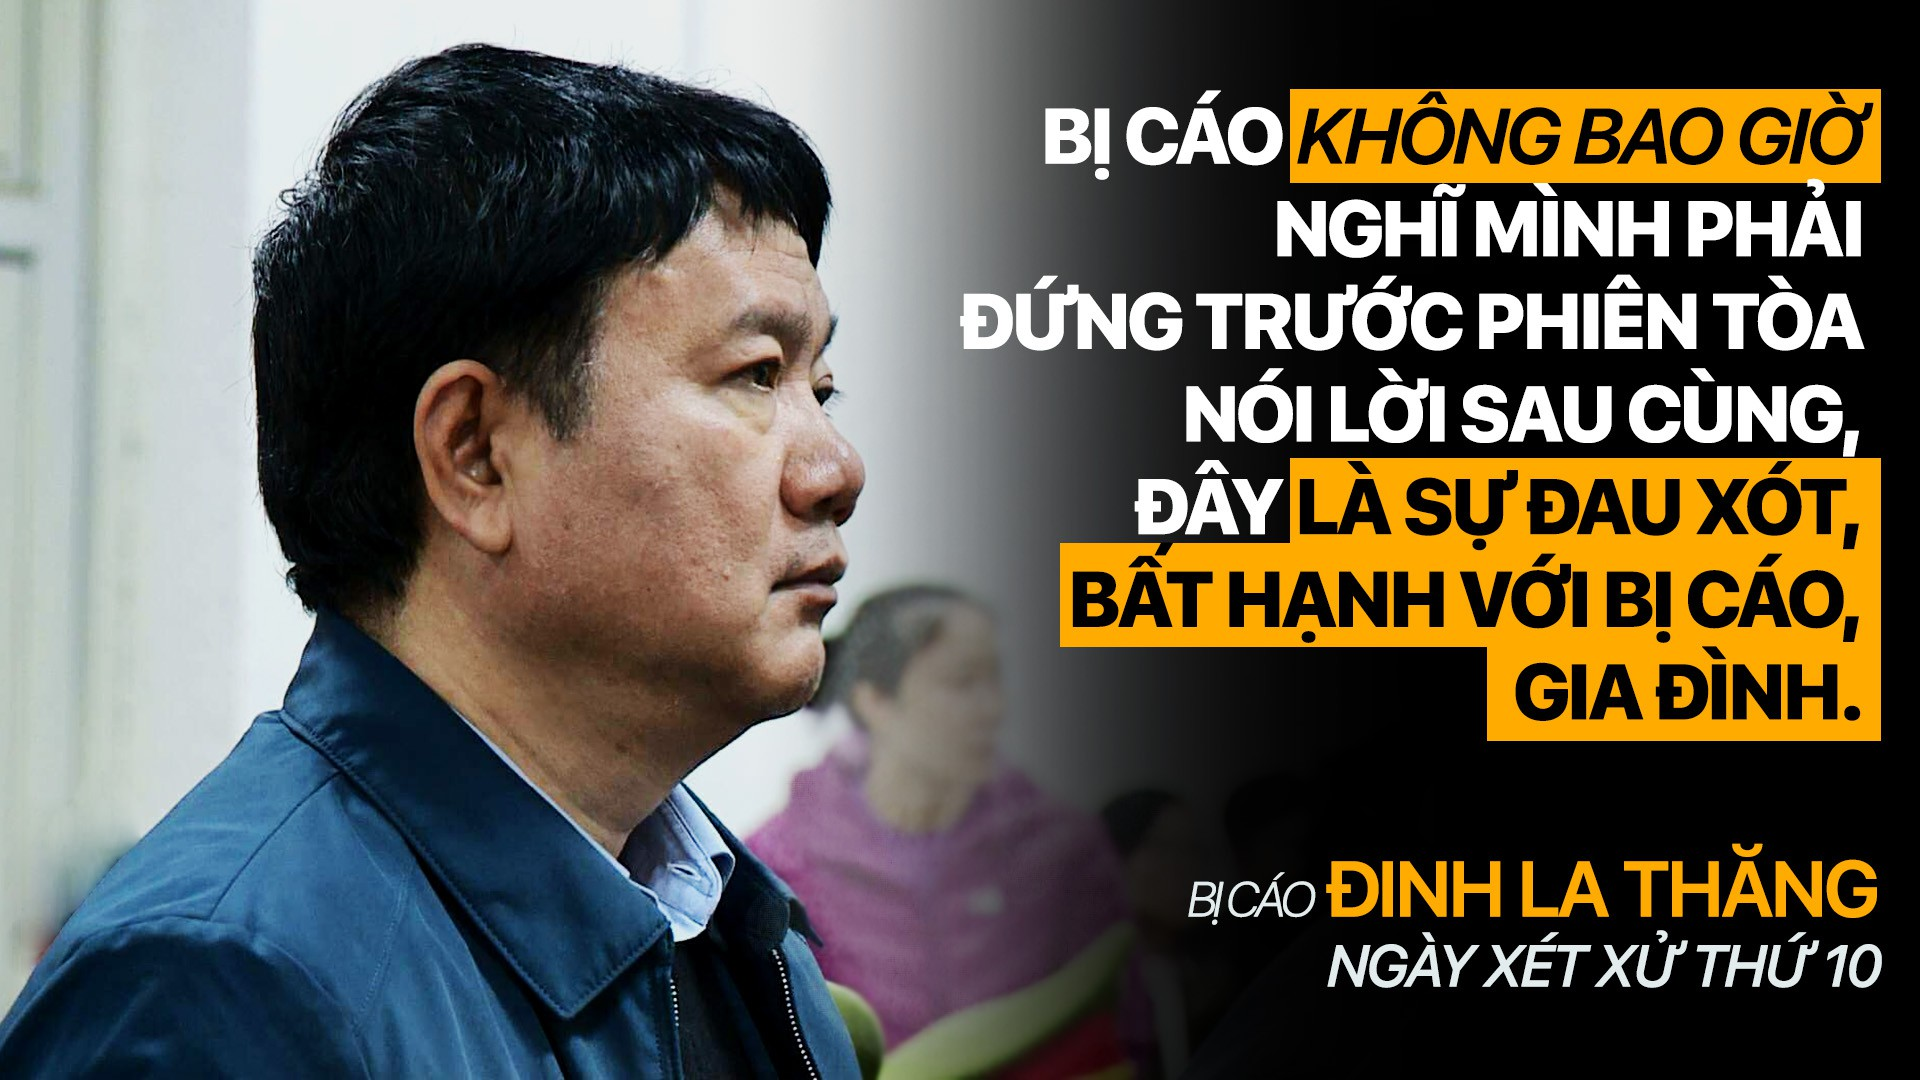 """Bị cáo Đinh La Thăng"""" không bao giờ nghĩ mình phải đứng trước phiên tòa nói ,lời sau cùng, đây là sự đau xót, bất hạnh với bị cáo, gia đình"""""""